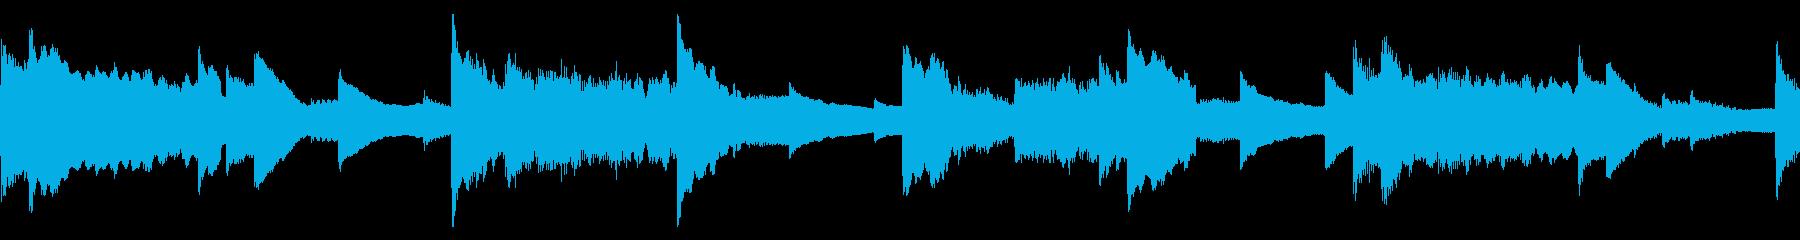 フルートが奏でる優しく温かいメロディーの再生済みの波形